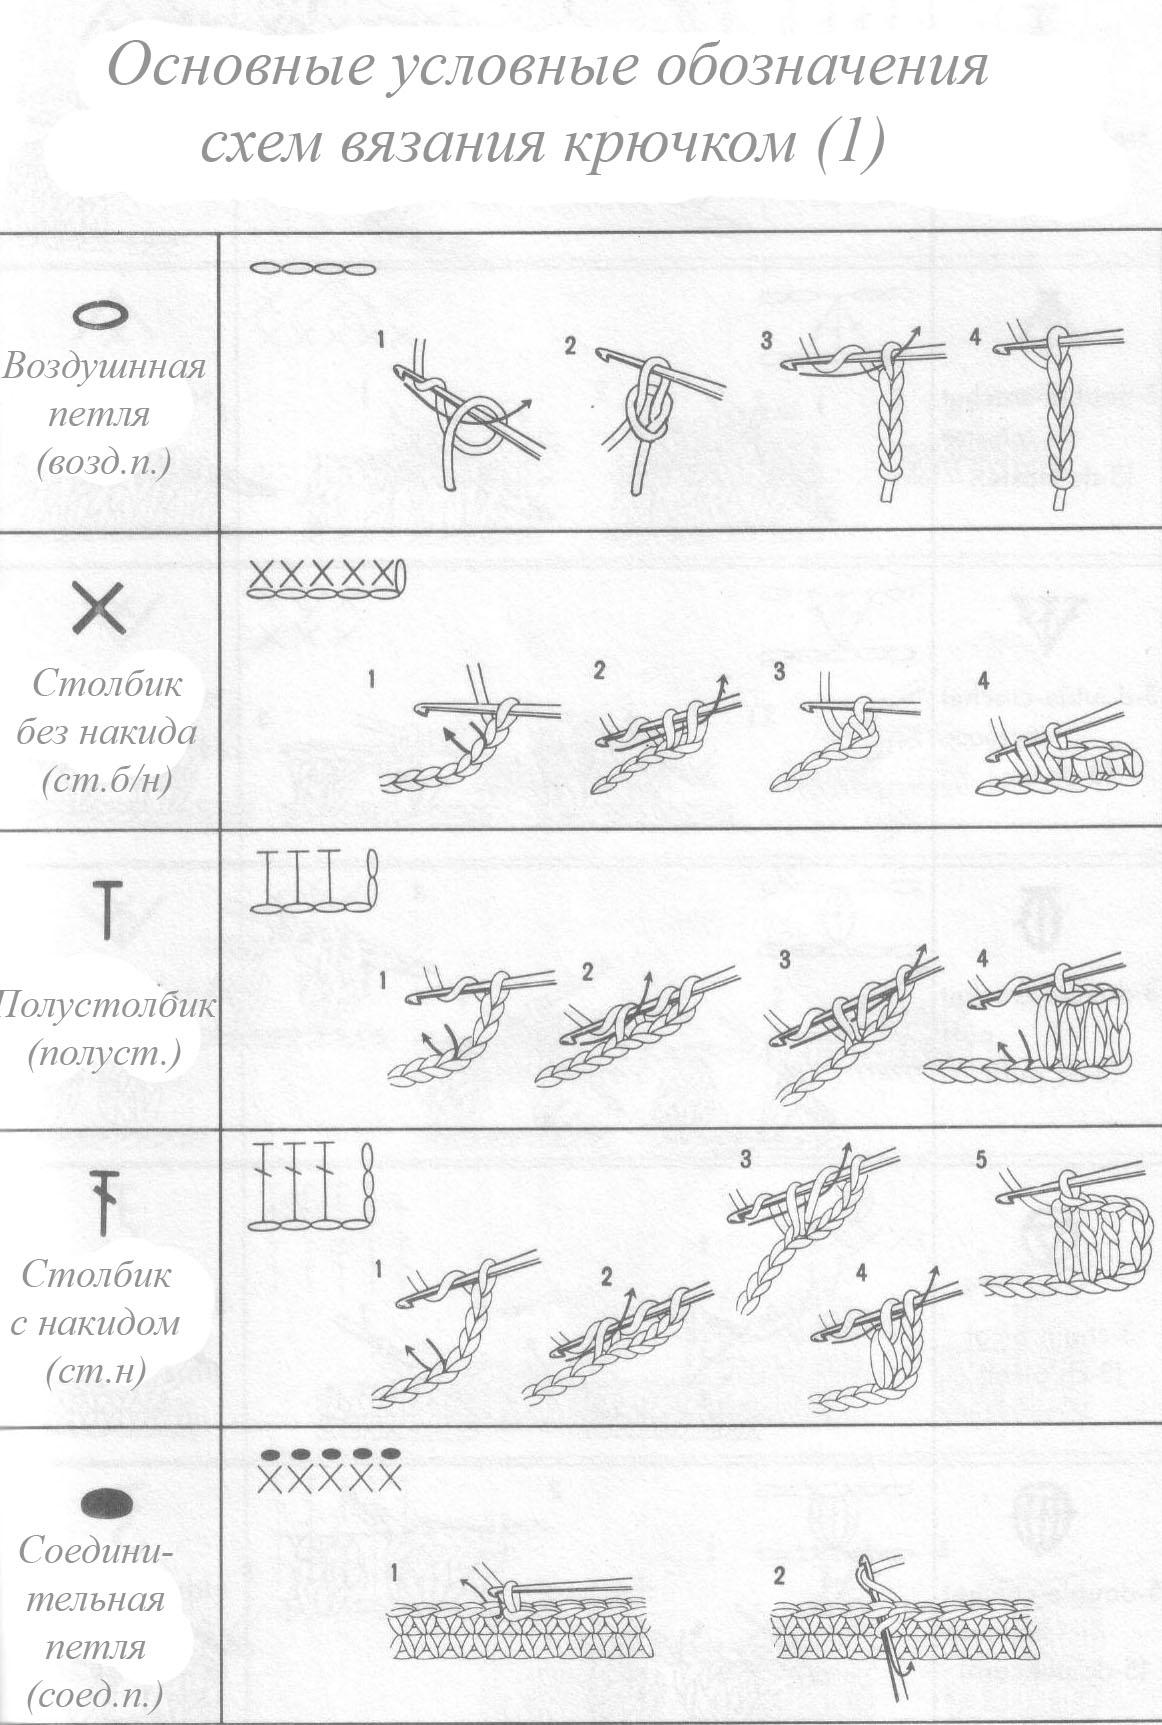 Обозначения при вязании схем крючком 59